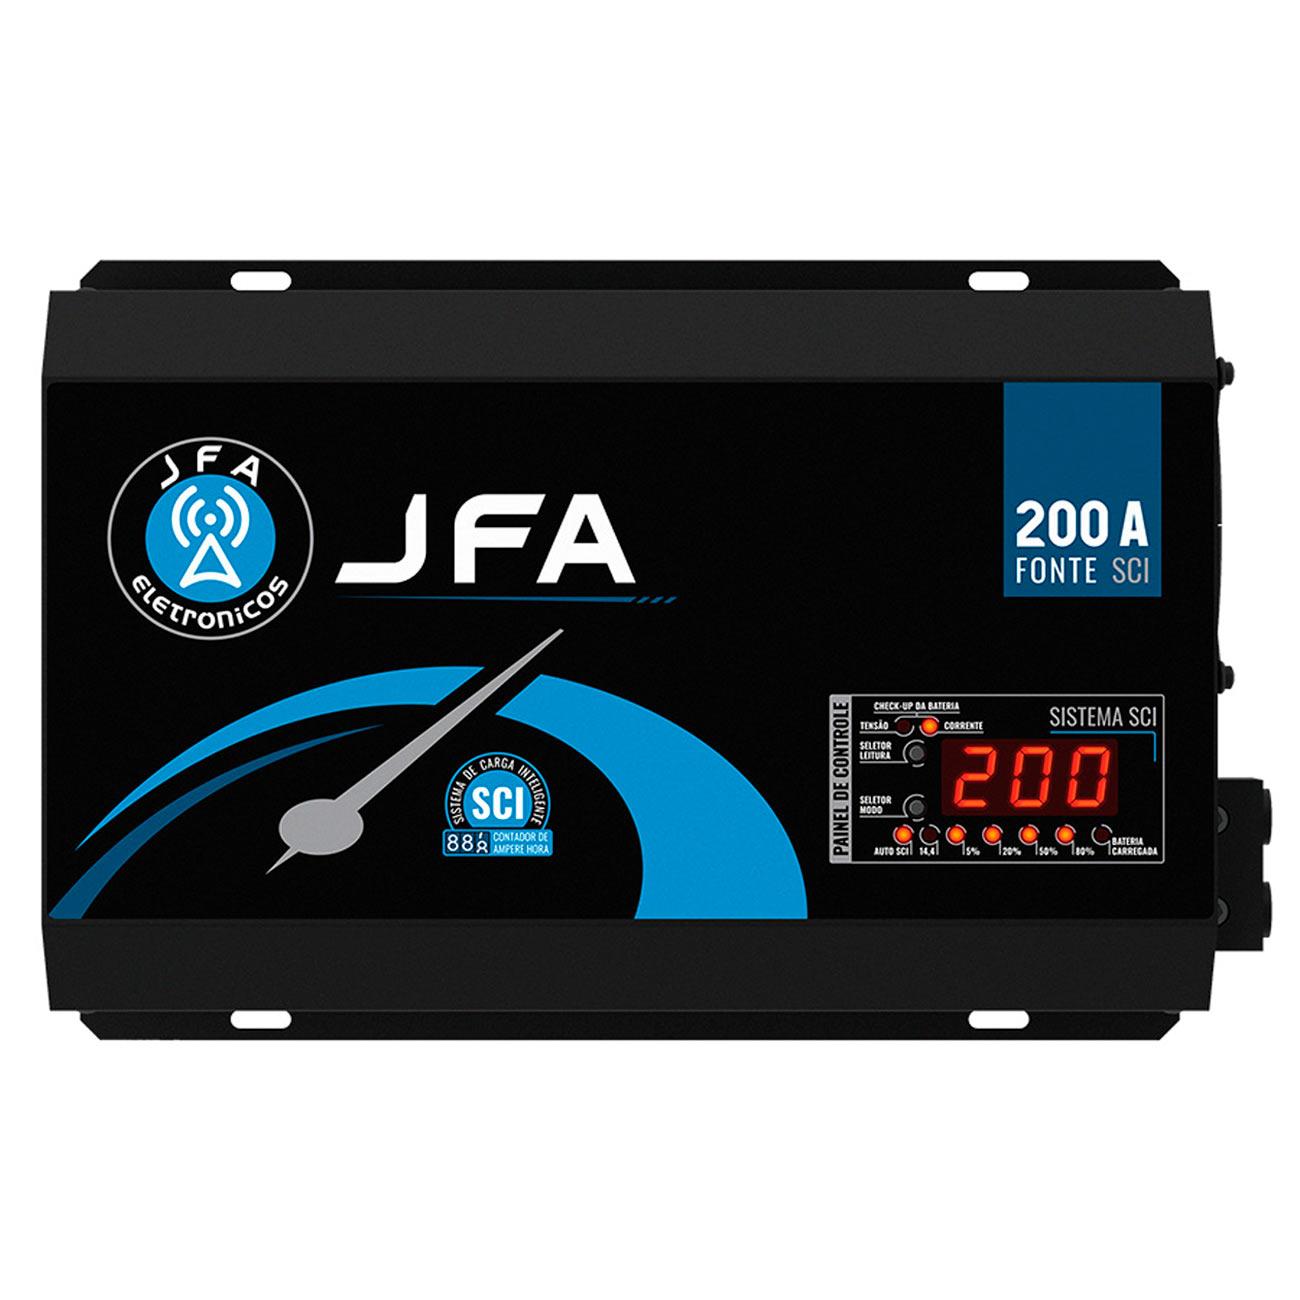 Fonte Automotiva Carregadora JFA 200A SCI Monovolt 220v